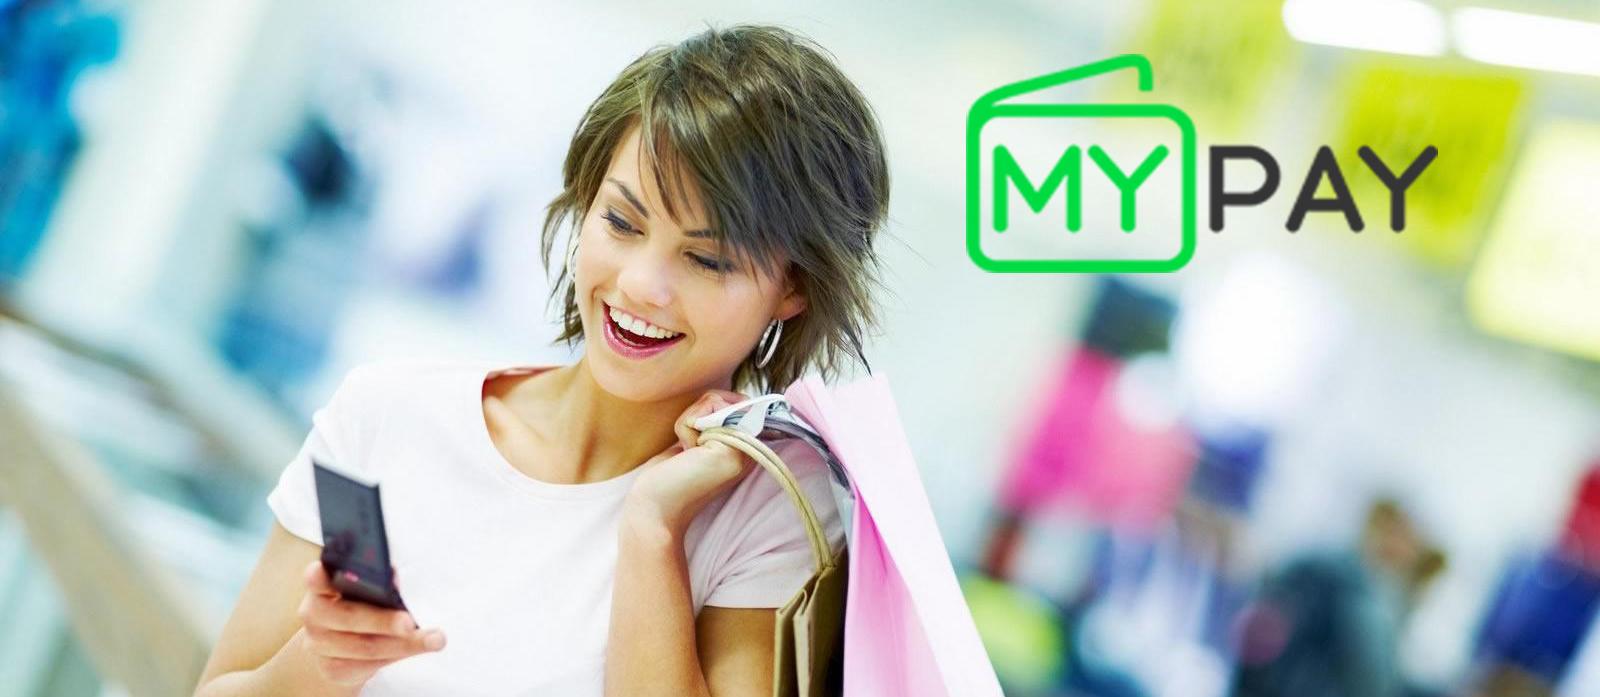 MyPay: моментальное пополнение — простые платежи онлайн